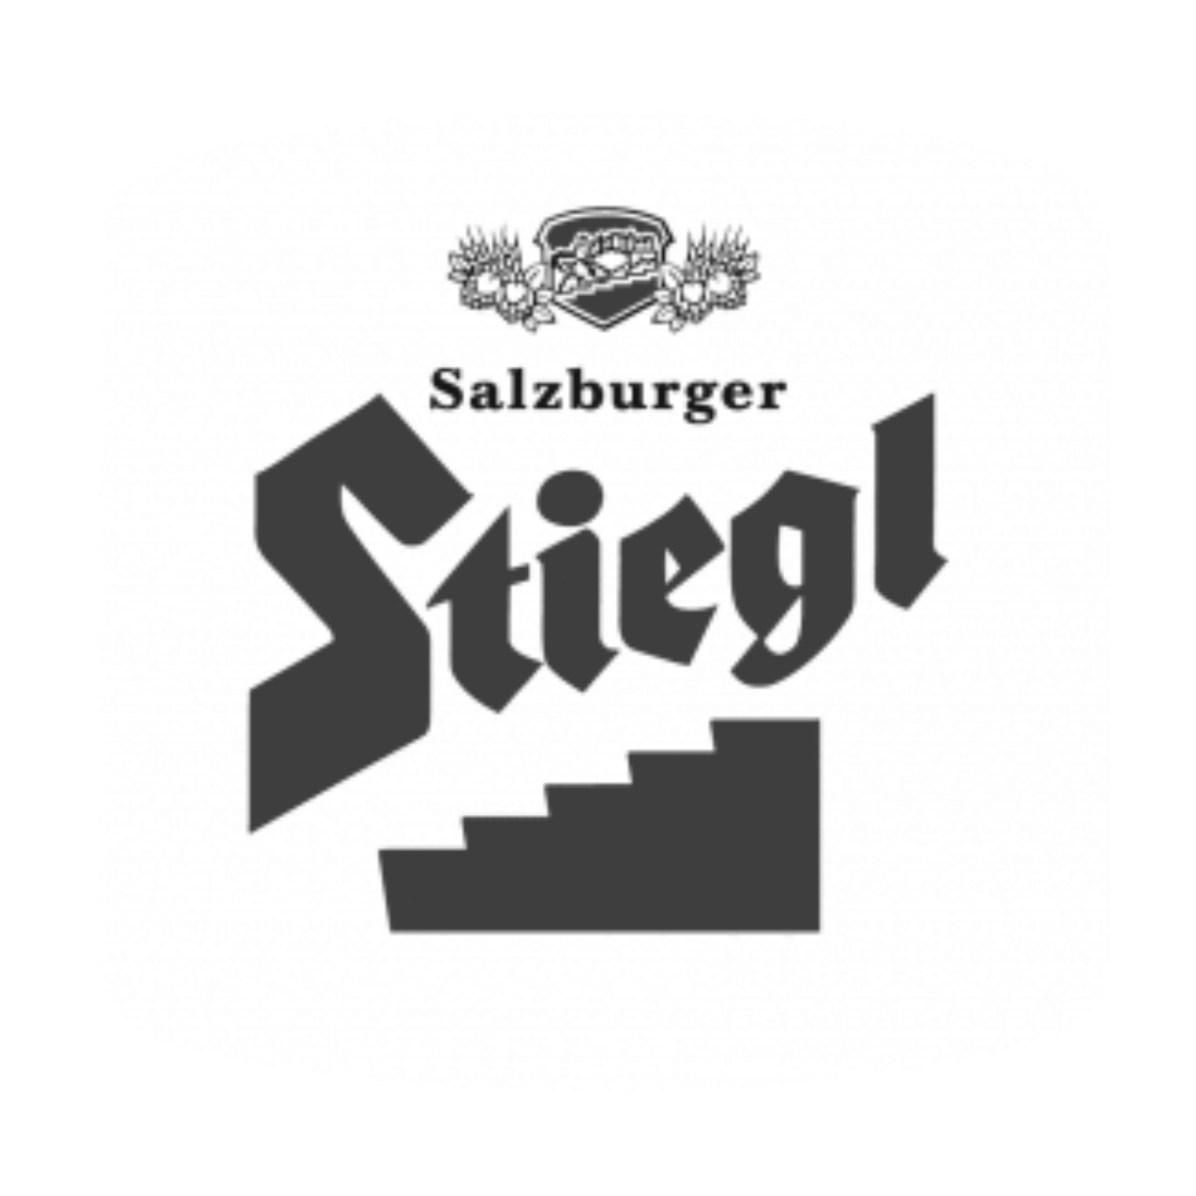 stiegl-bier